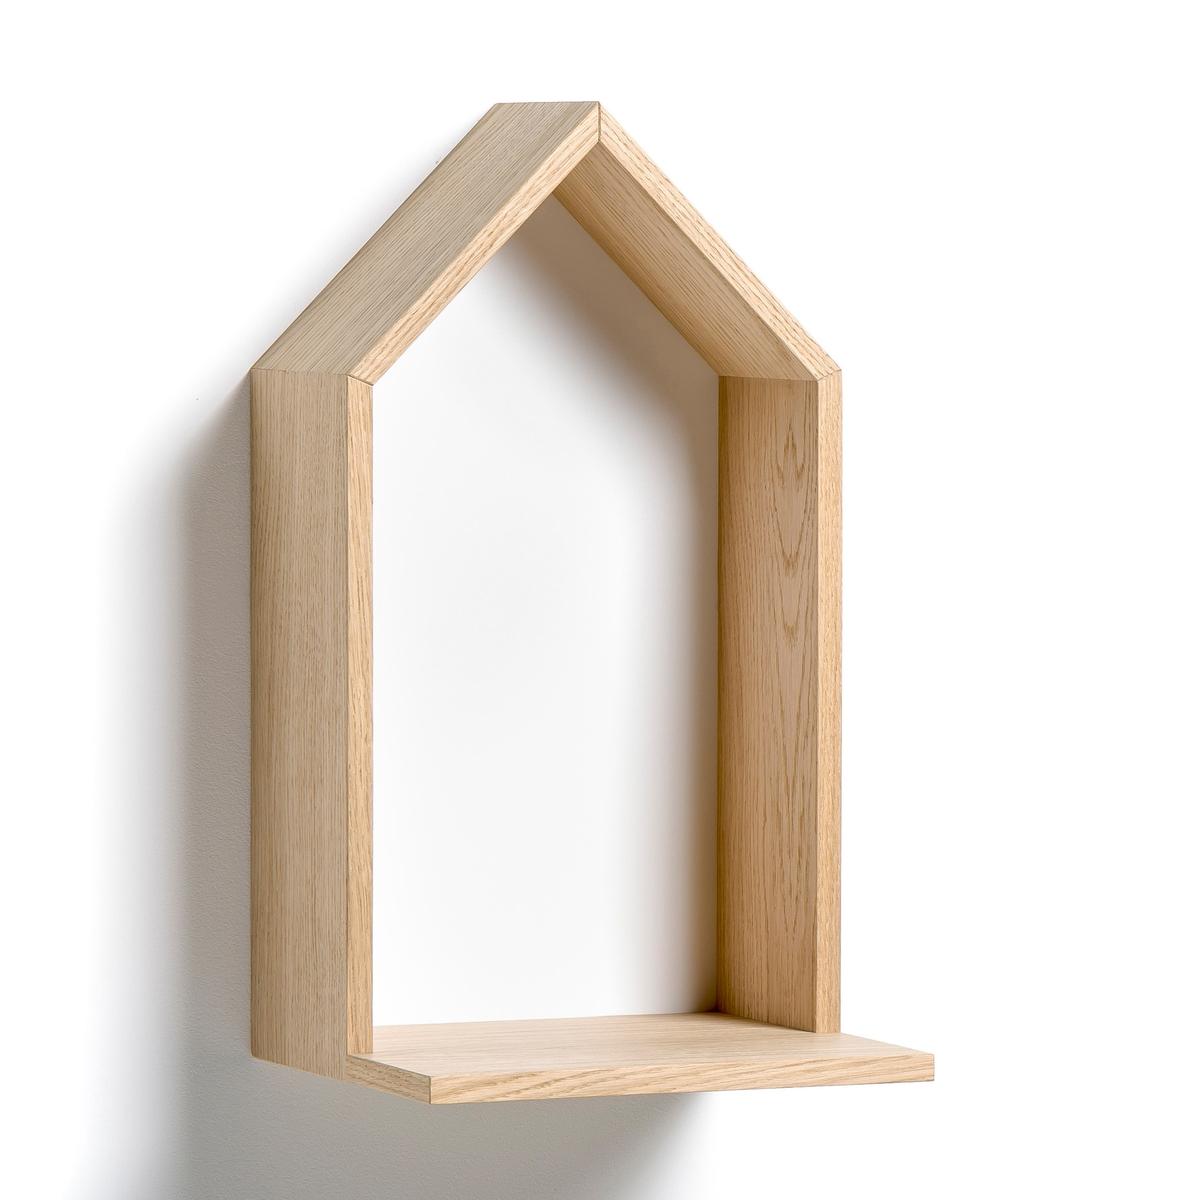 Полка Bosaka, средняя модель, В.45 смПолка в форме домика, навесная . Характеристики :- Из МДФ, покрытого дубовым шпоном, боковые стороны из ДСП, покрытой дубовым шпоном, дно из окрашенного МДФ. - 2 пластины для крепления на стену (саморезы и дюбели продаются отдельно). Размеры  :-  Ш.25 x В.45 x Г.22 см.<br><br>Цвет: белый,серый